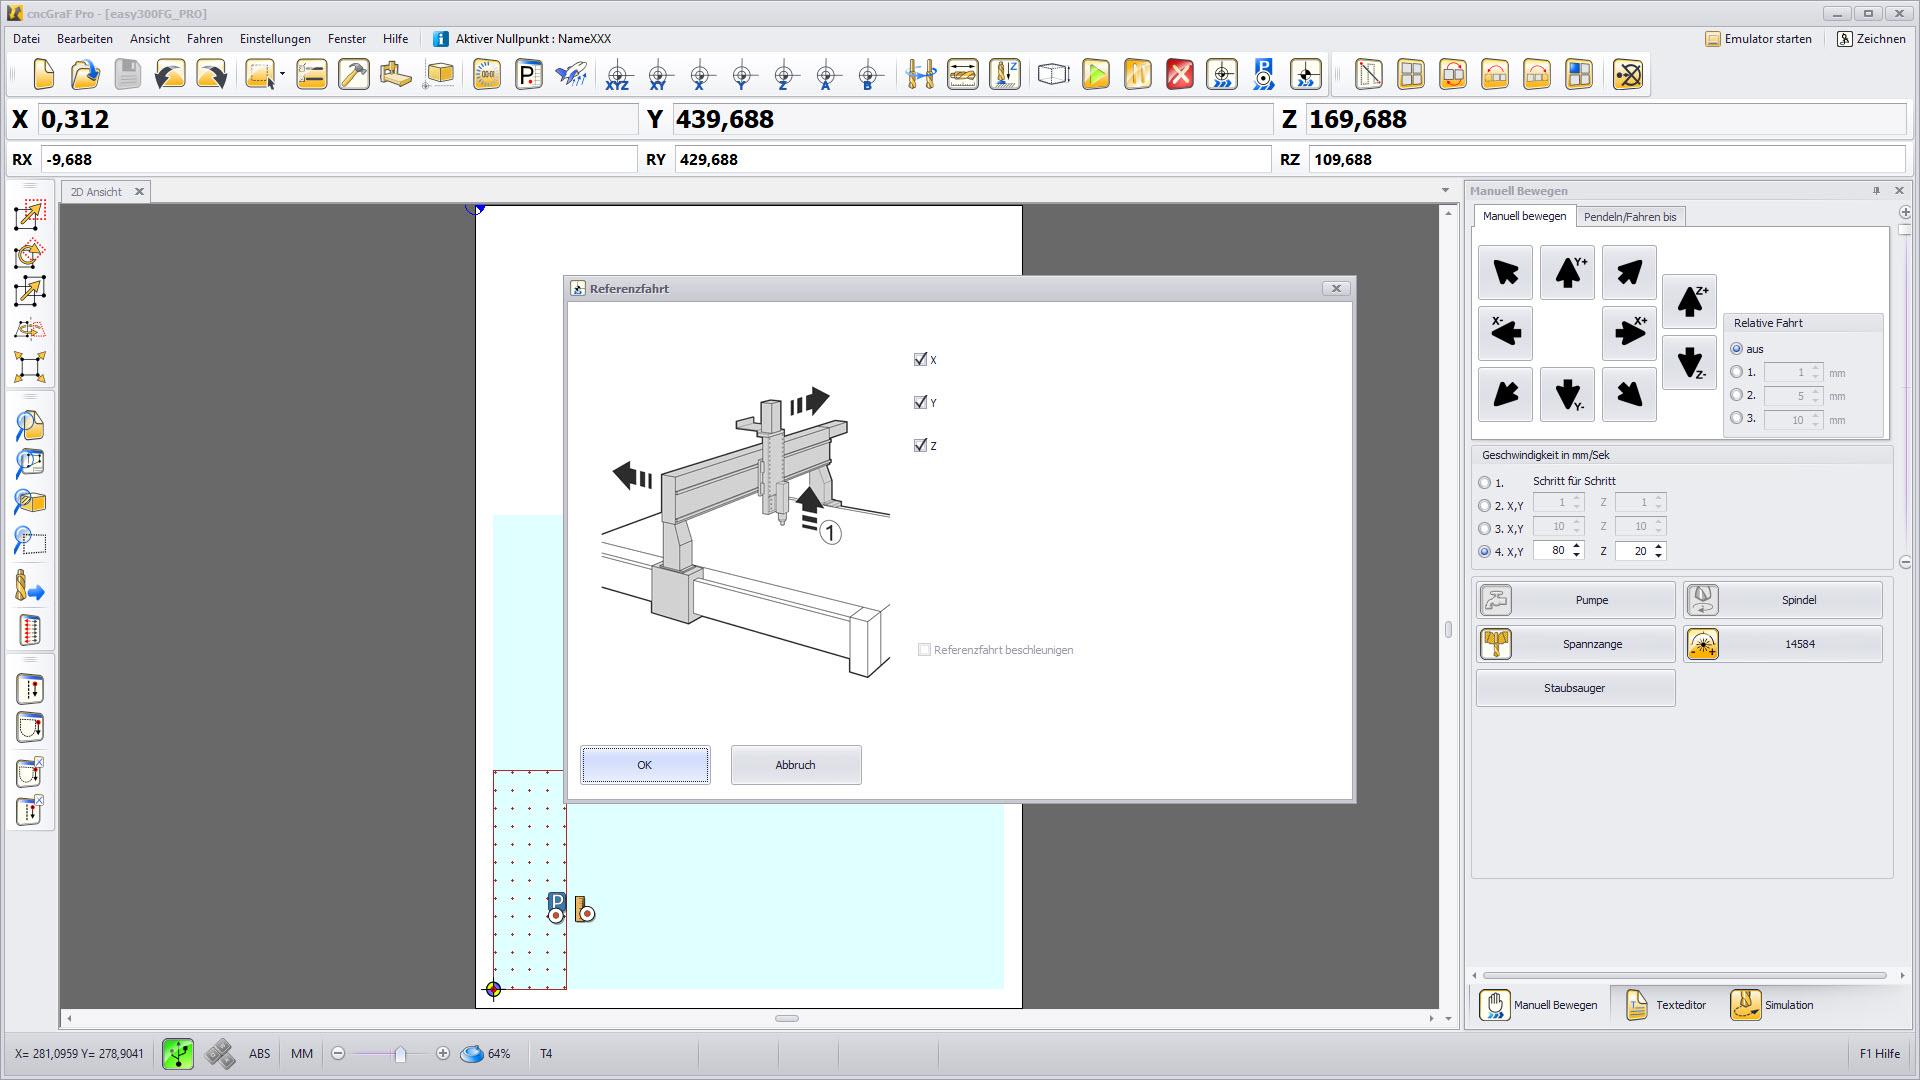 CNC Steuerungssoftware - cncGraF - Referenzfahrt